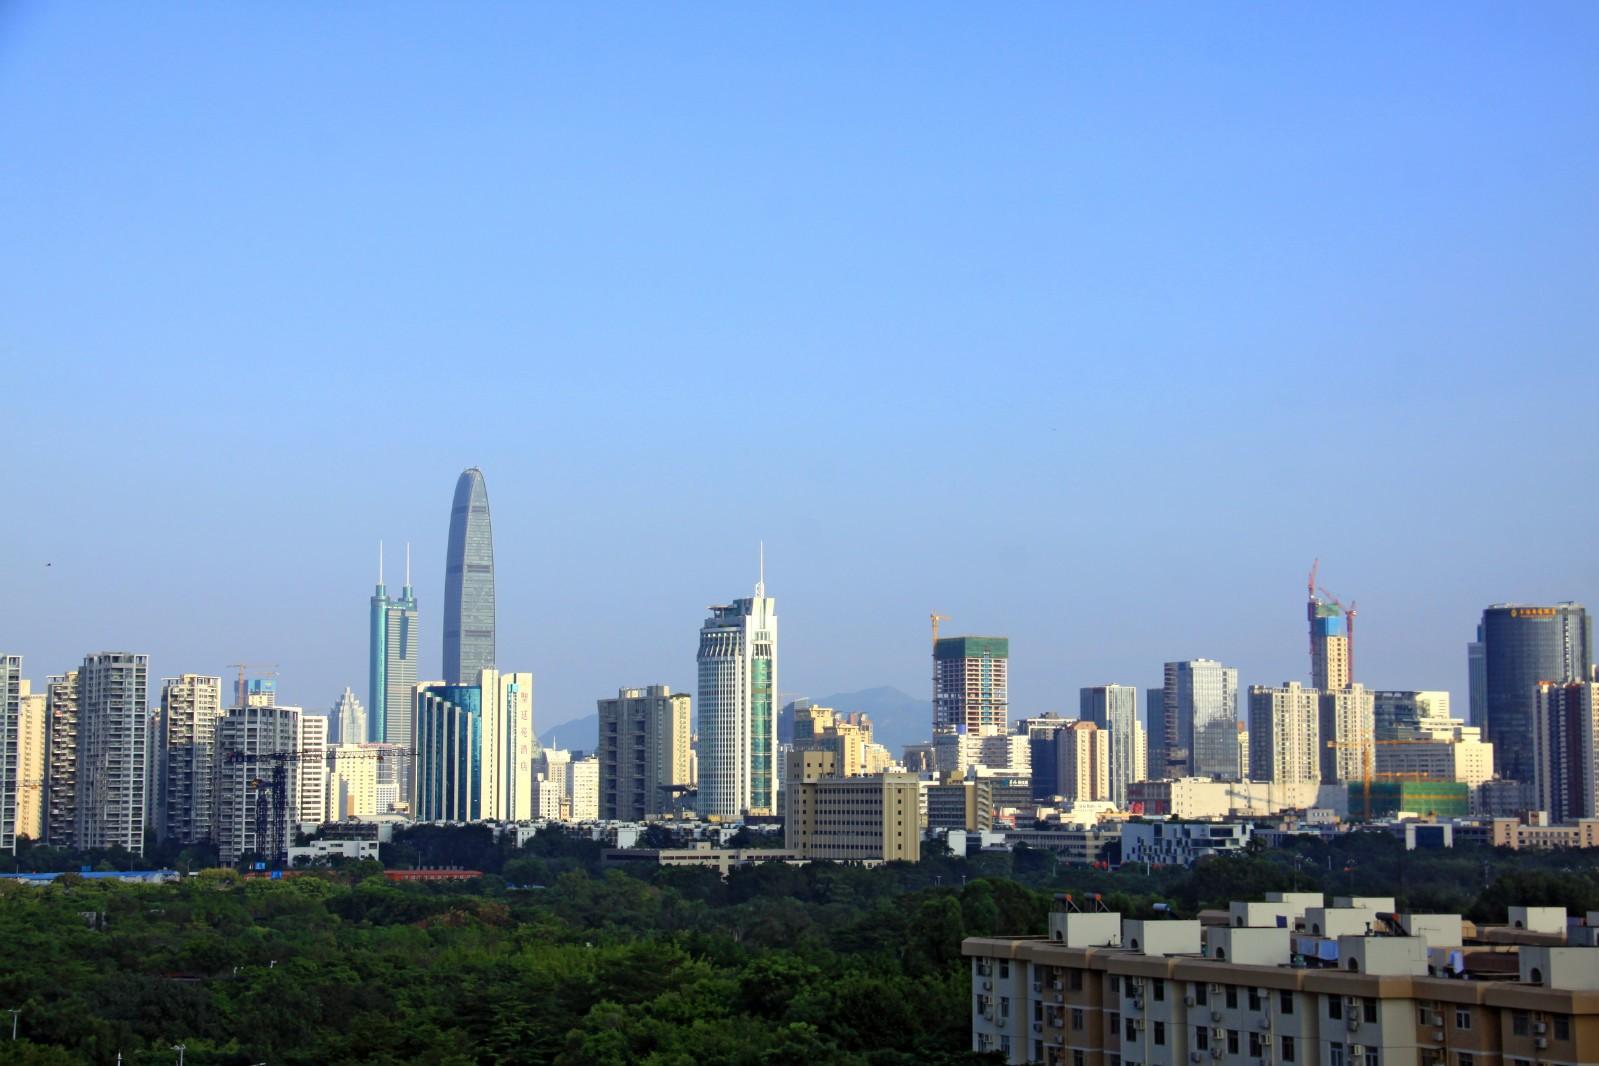 天津市代理记账公司企业共享土地闲置费调拨网络热点问答